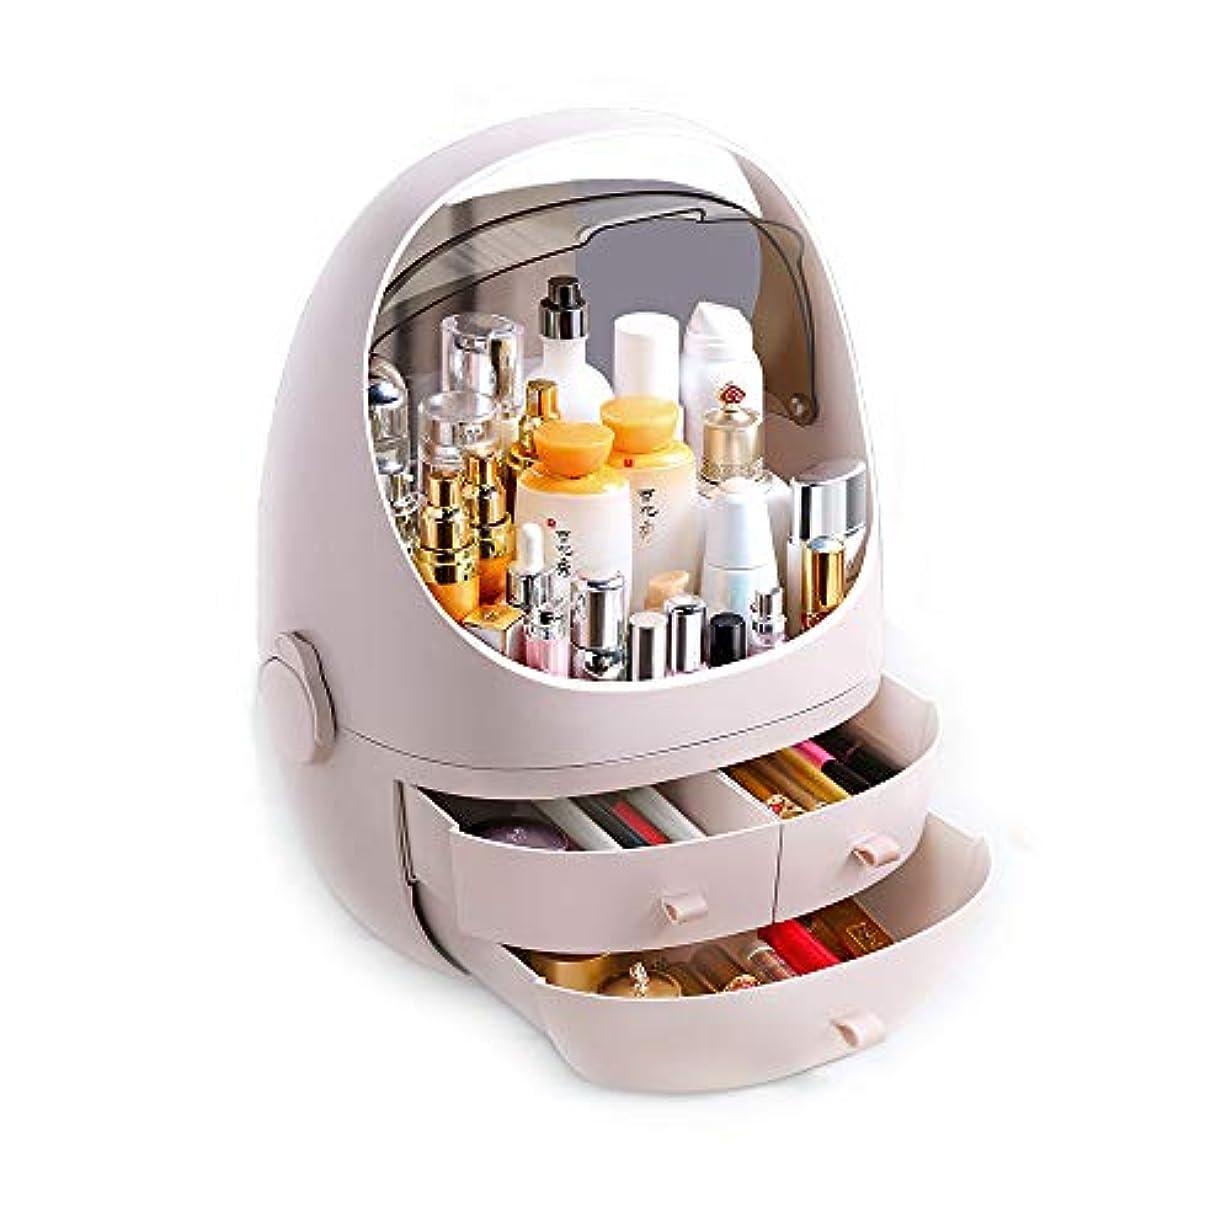 バランスのとれた鉱石リラックスメイクボックス 化粧品収納ボックス 透明化粧品ケース メイクケース コスメボックス 大容量 防塵 防水 蓋付き 引き出し式 (ピンク)